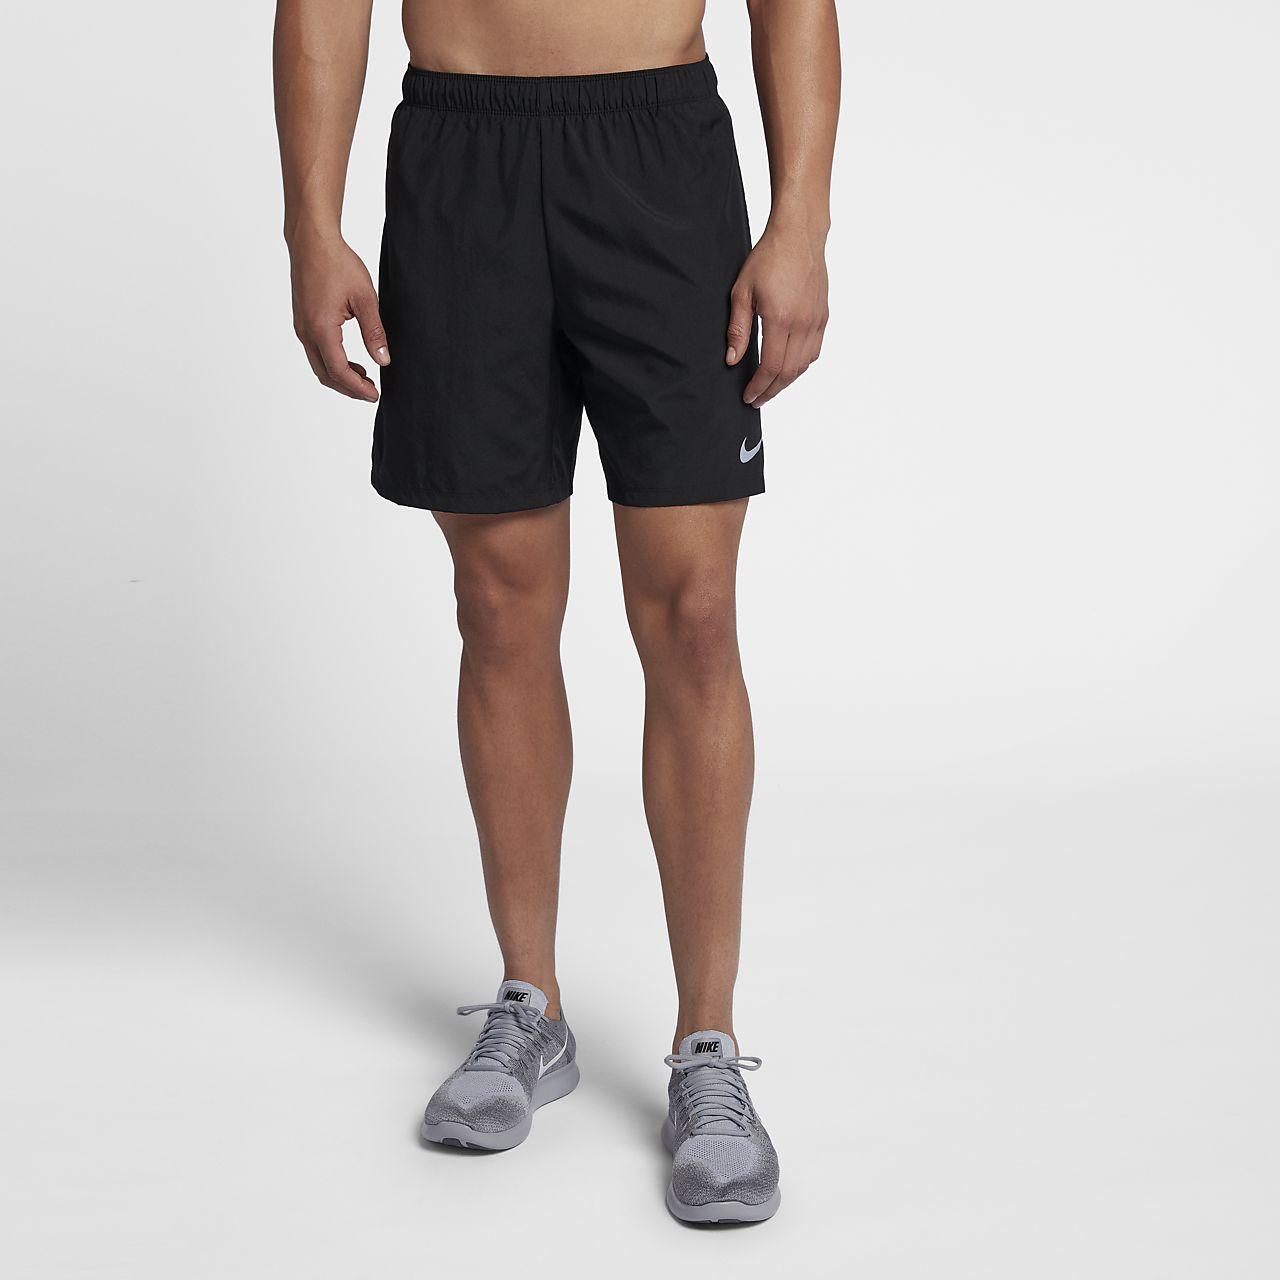 67ae2b49de7 Nike Challenger Men s 7